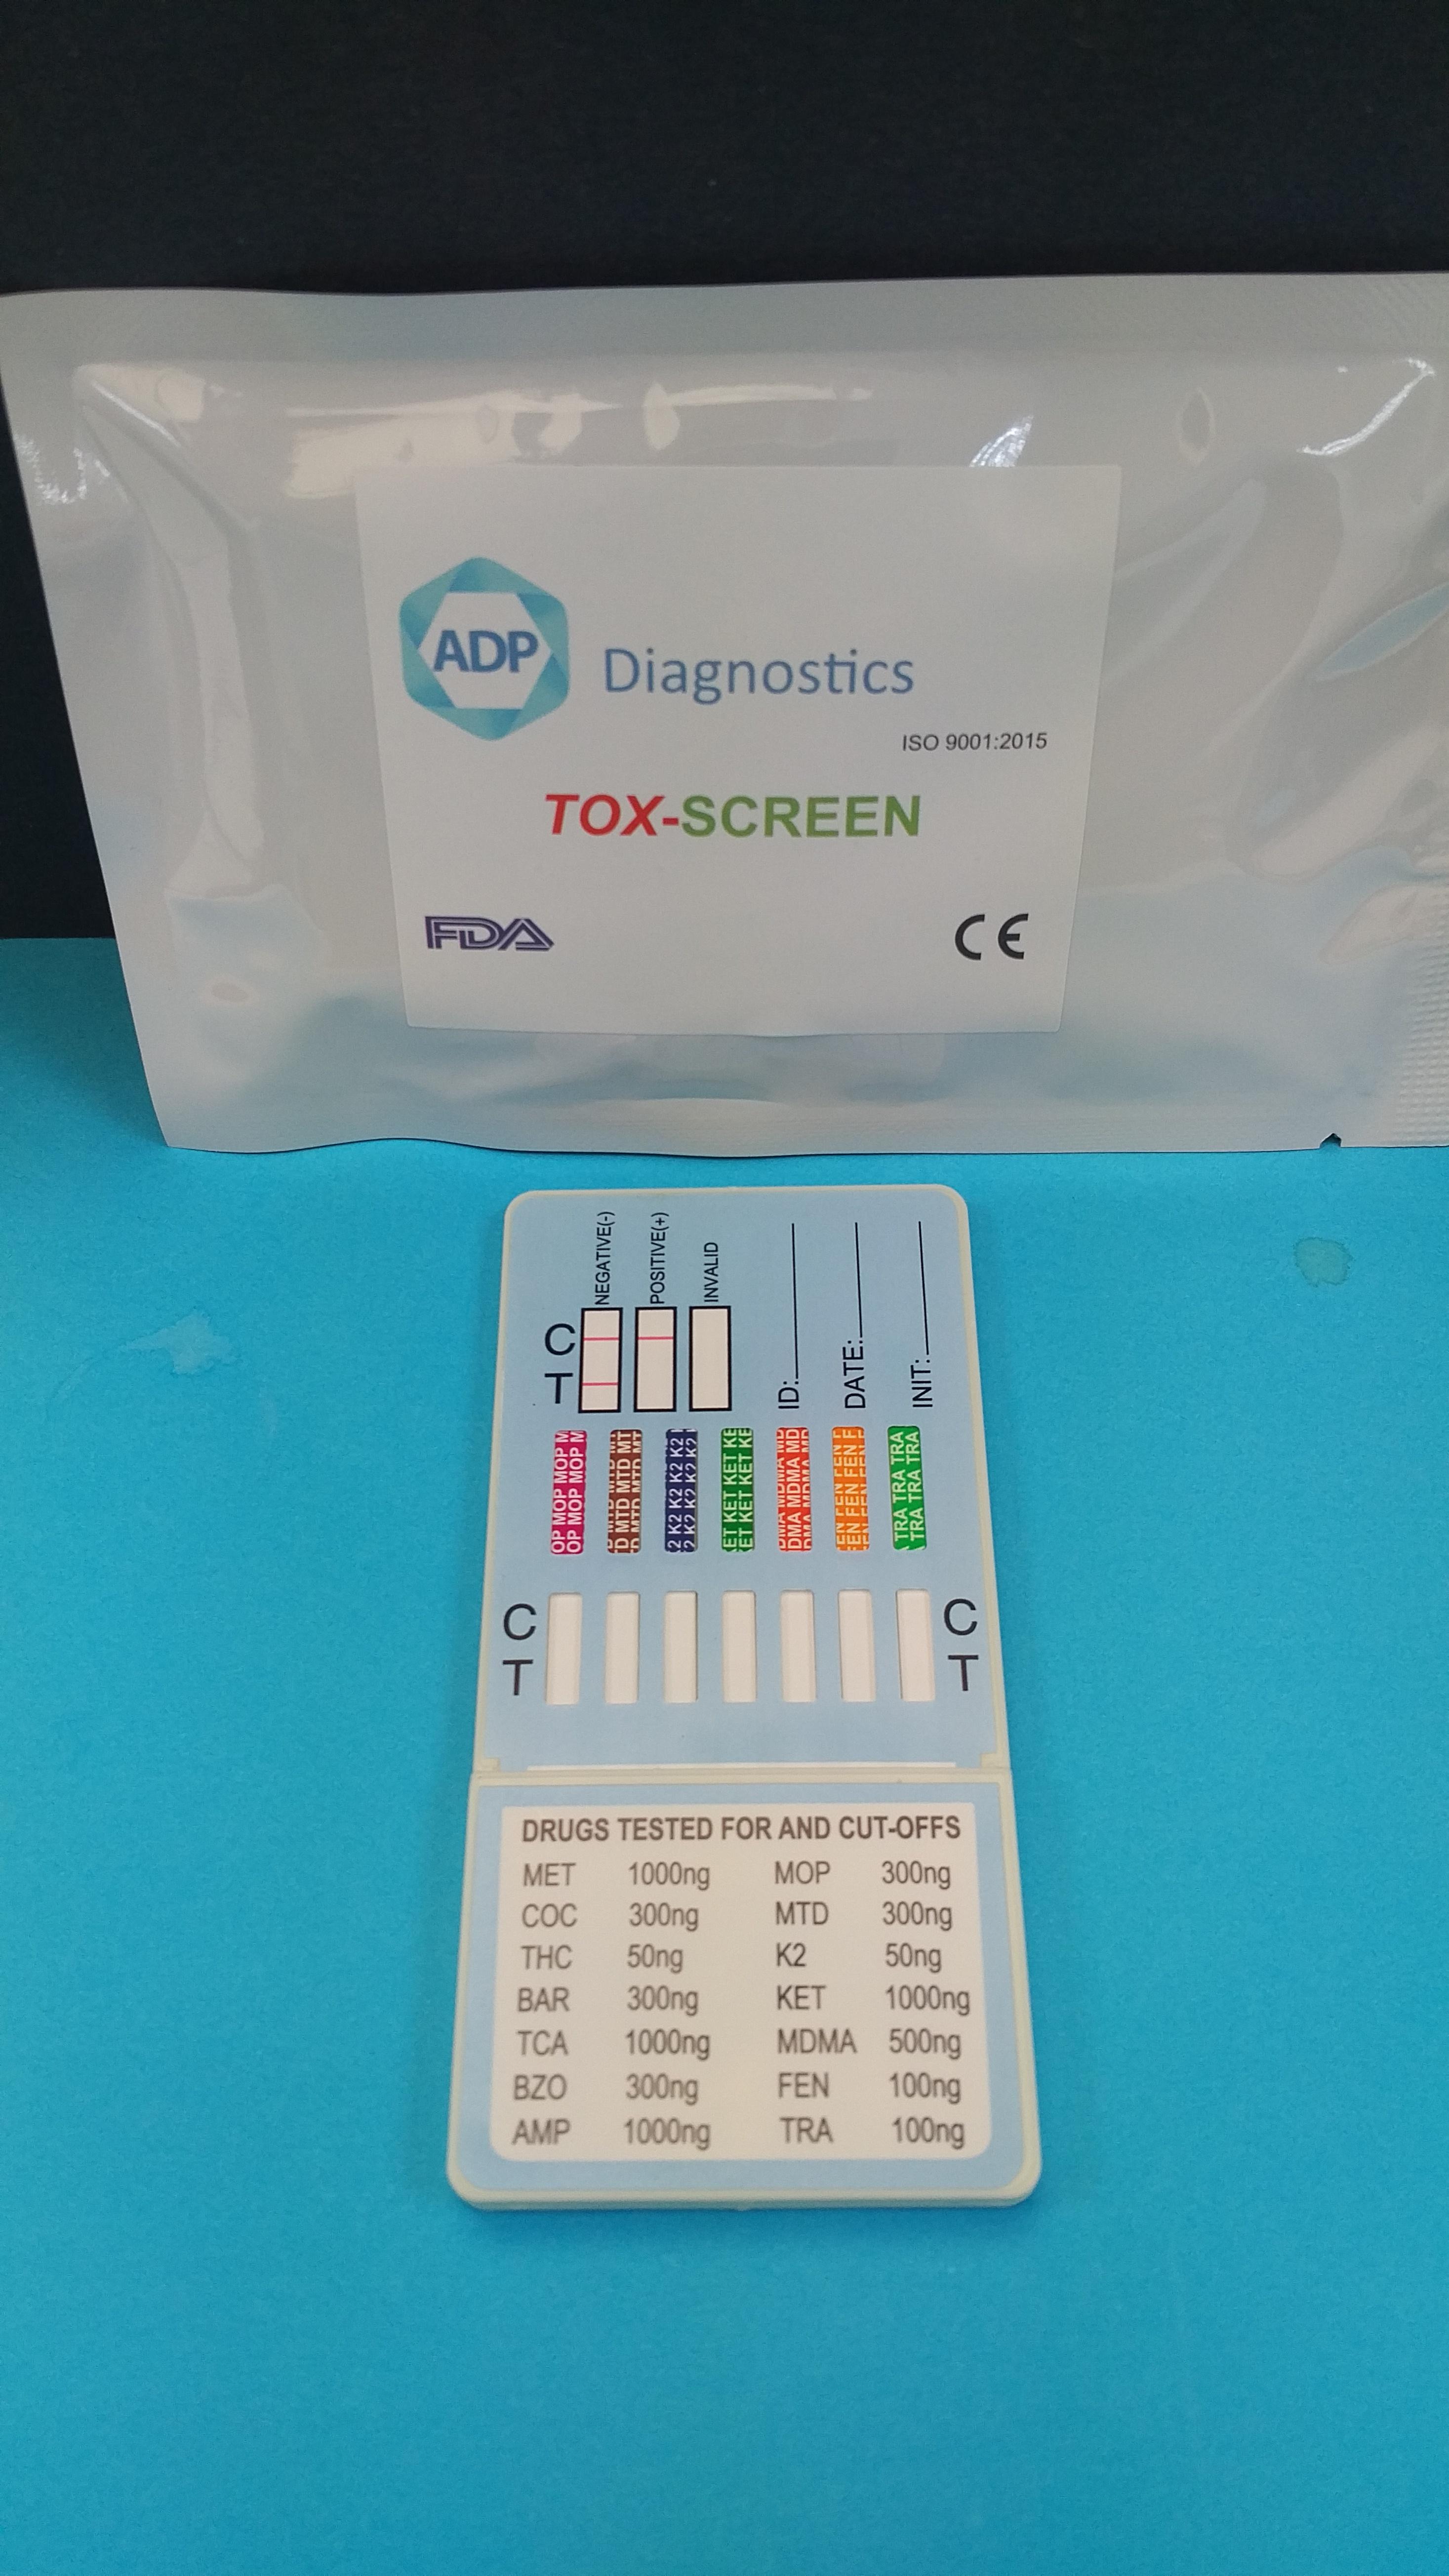 Serum Indices QC - ADP Diagnostics